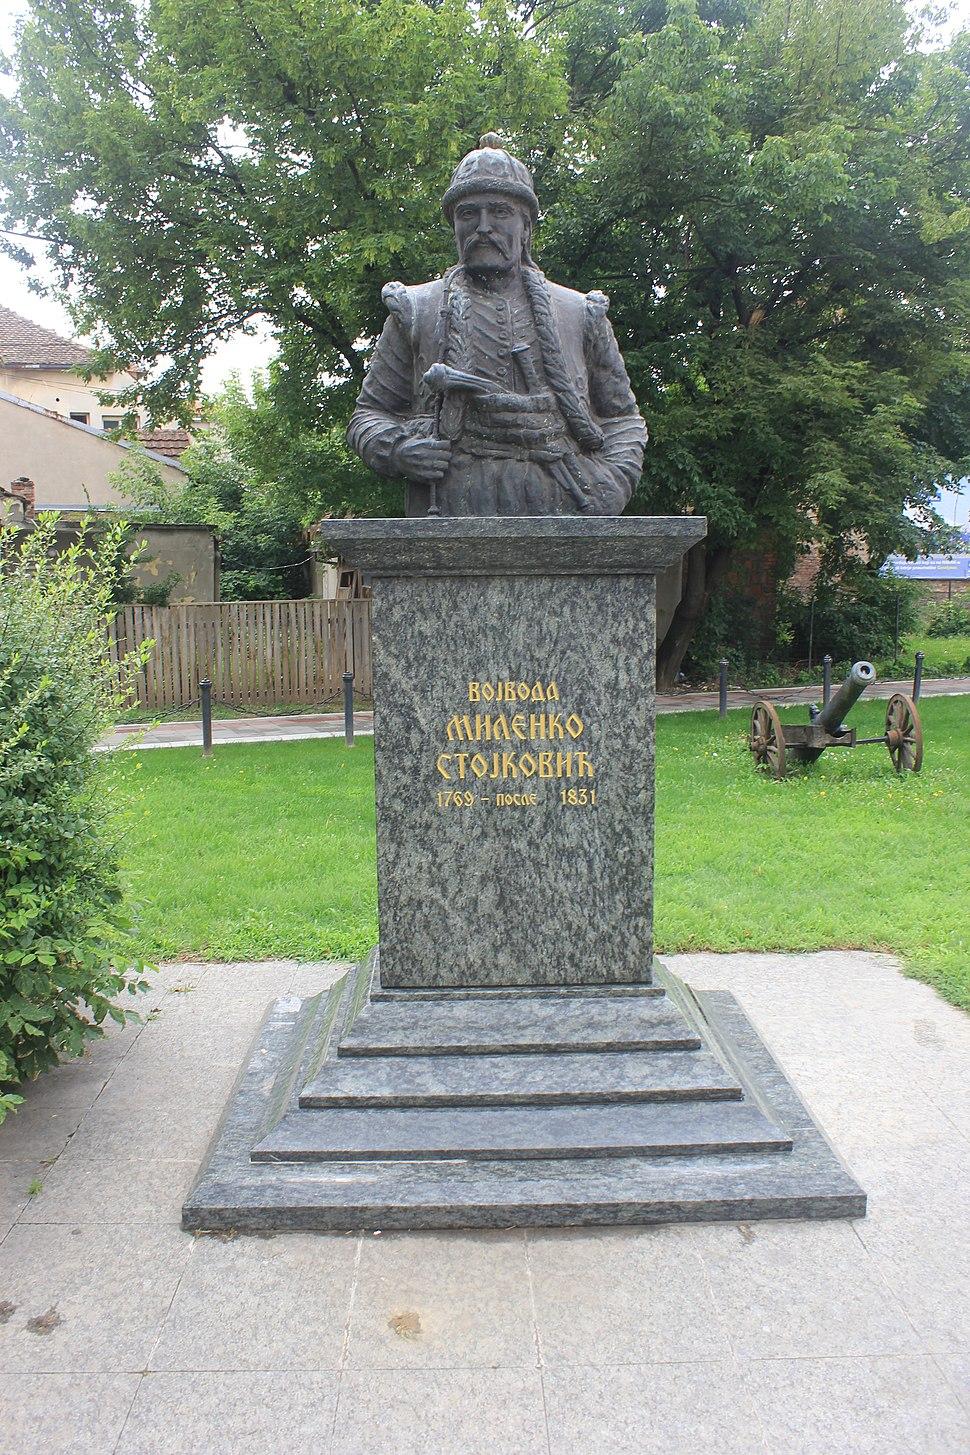 Monument to Milenko Stojković